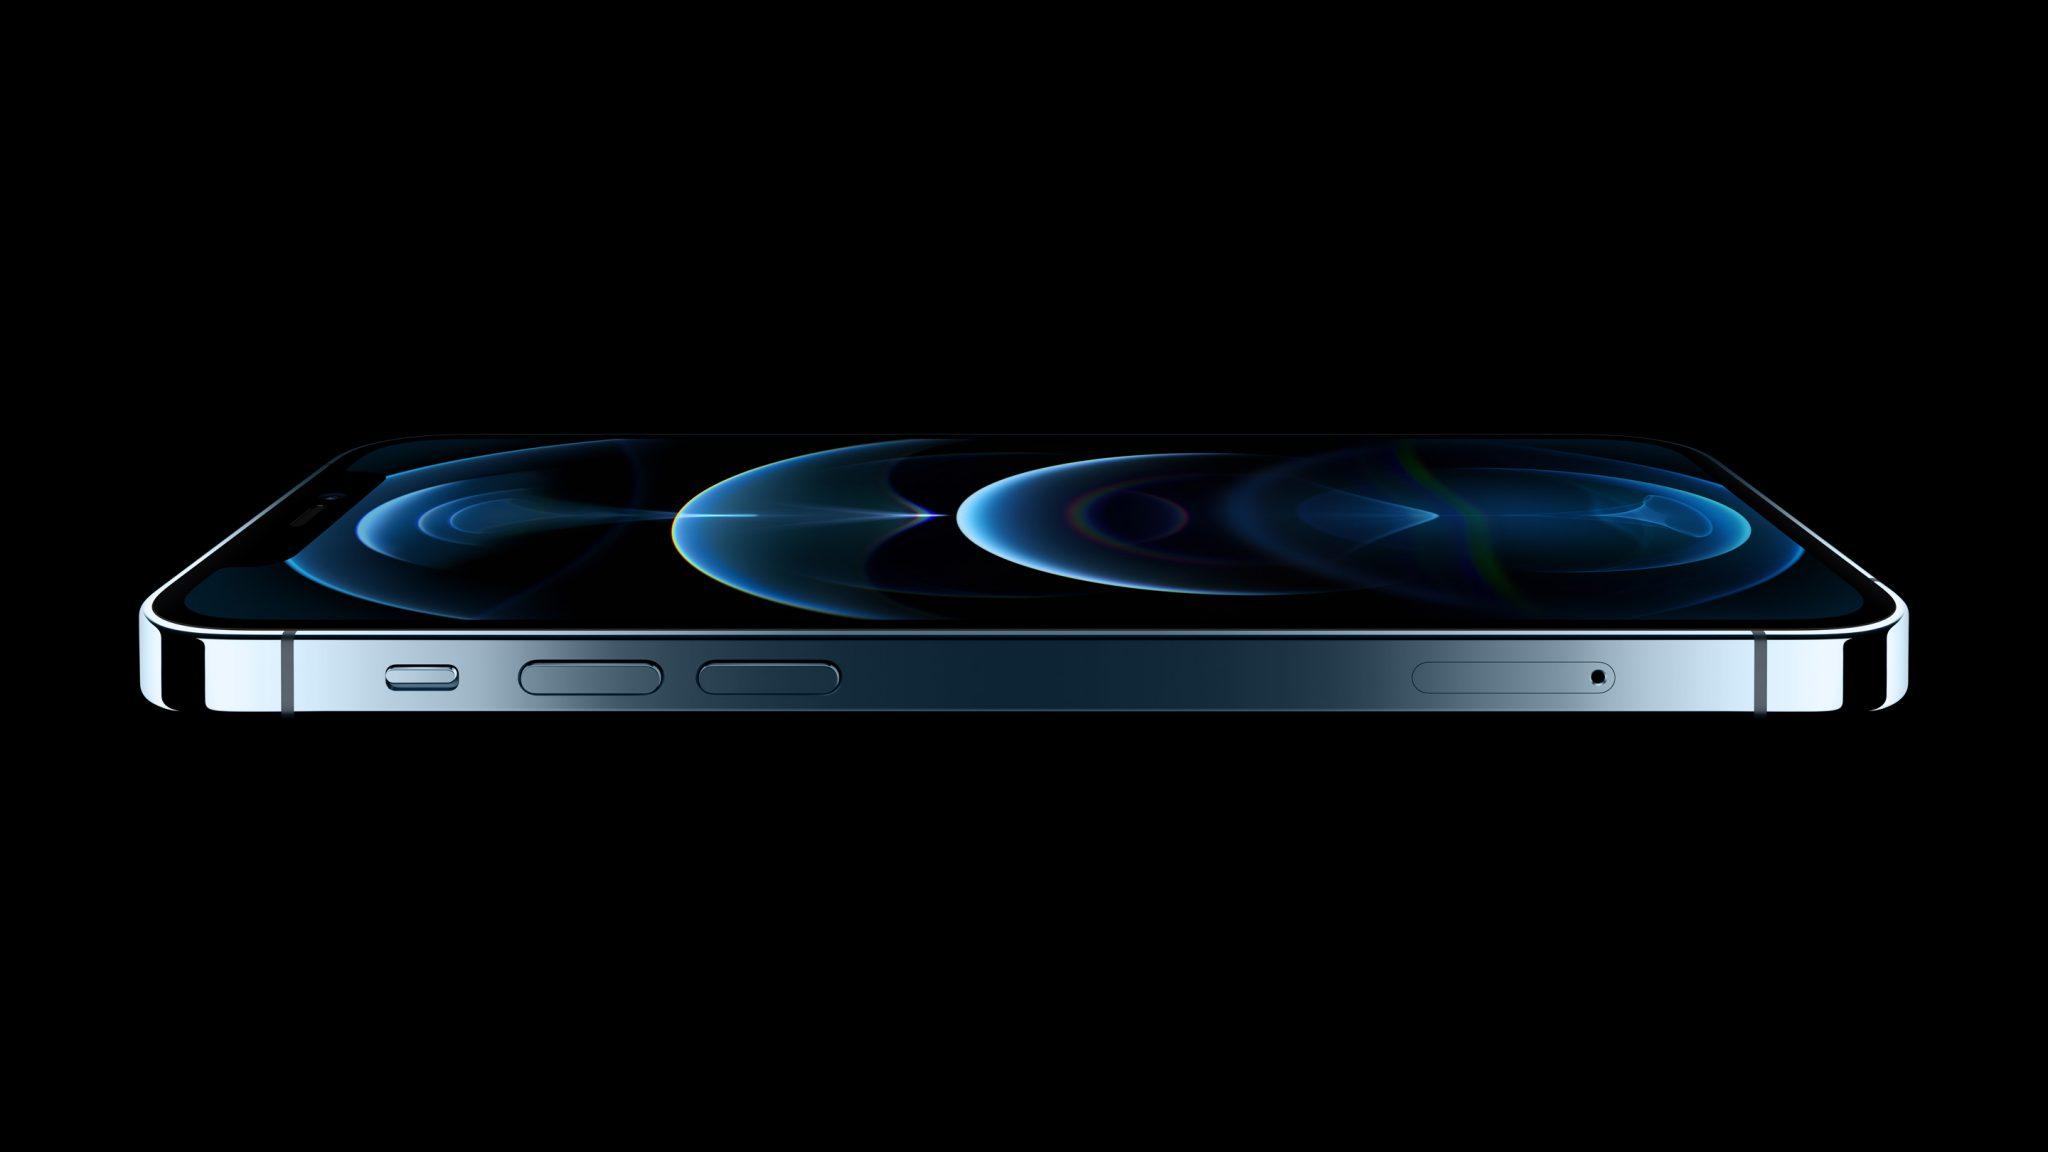 IPhone 12: per sfruttare il 5G bisognerà disattivare la modalità Dual SIM